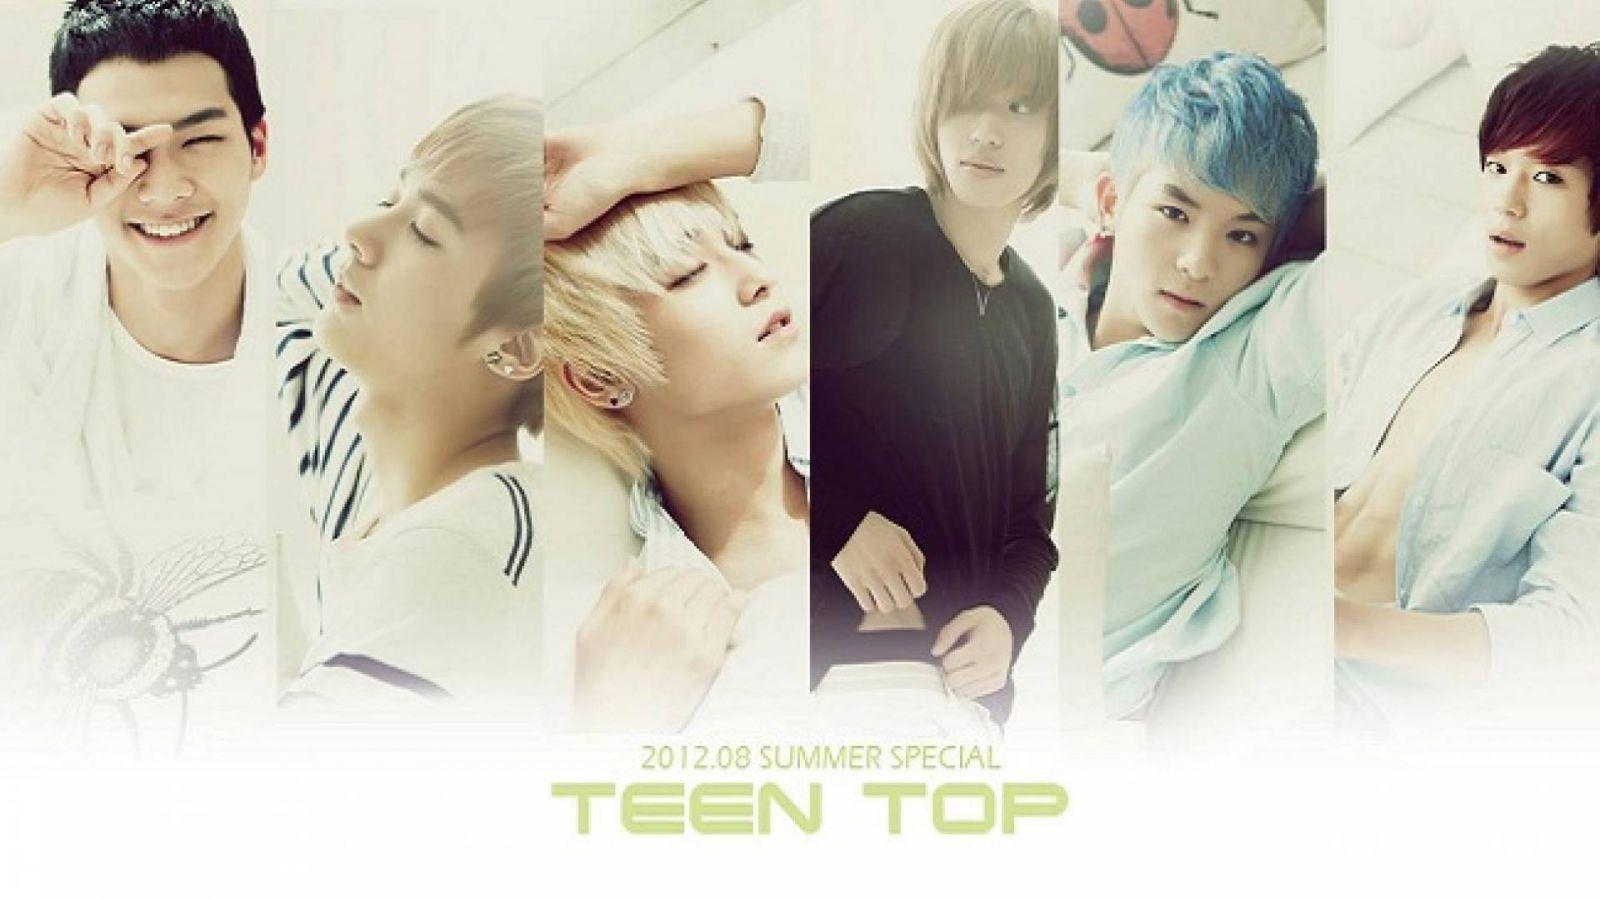 Teen Top abre comunidade no Google+ © TOP Media